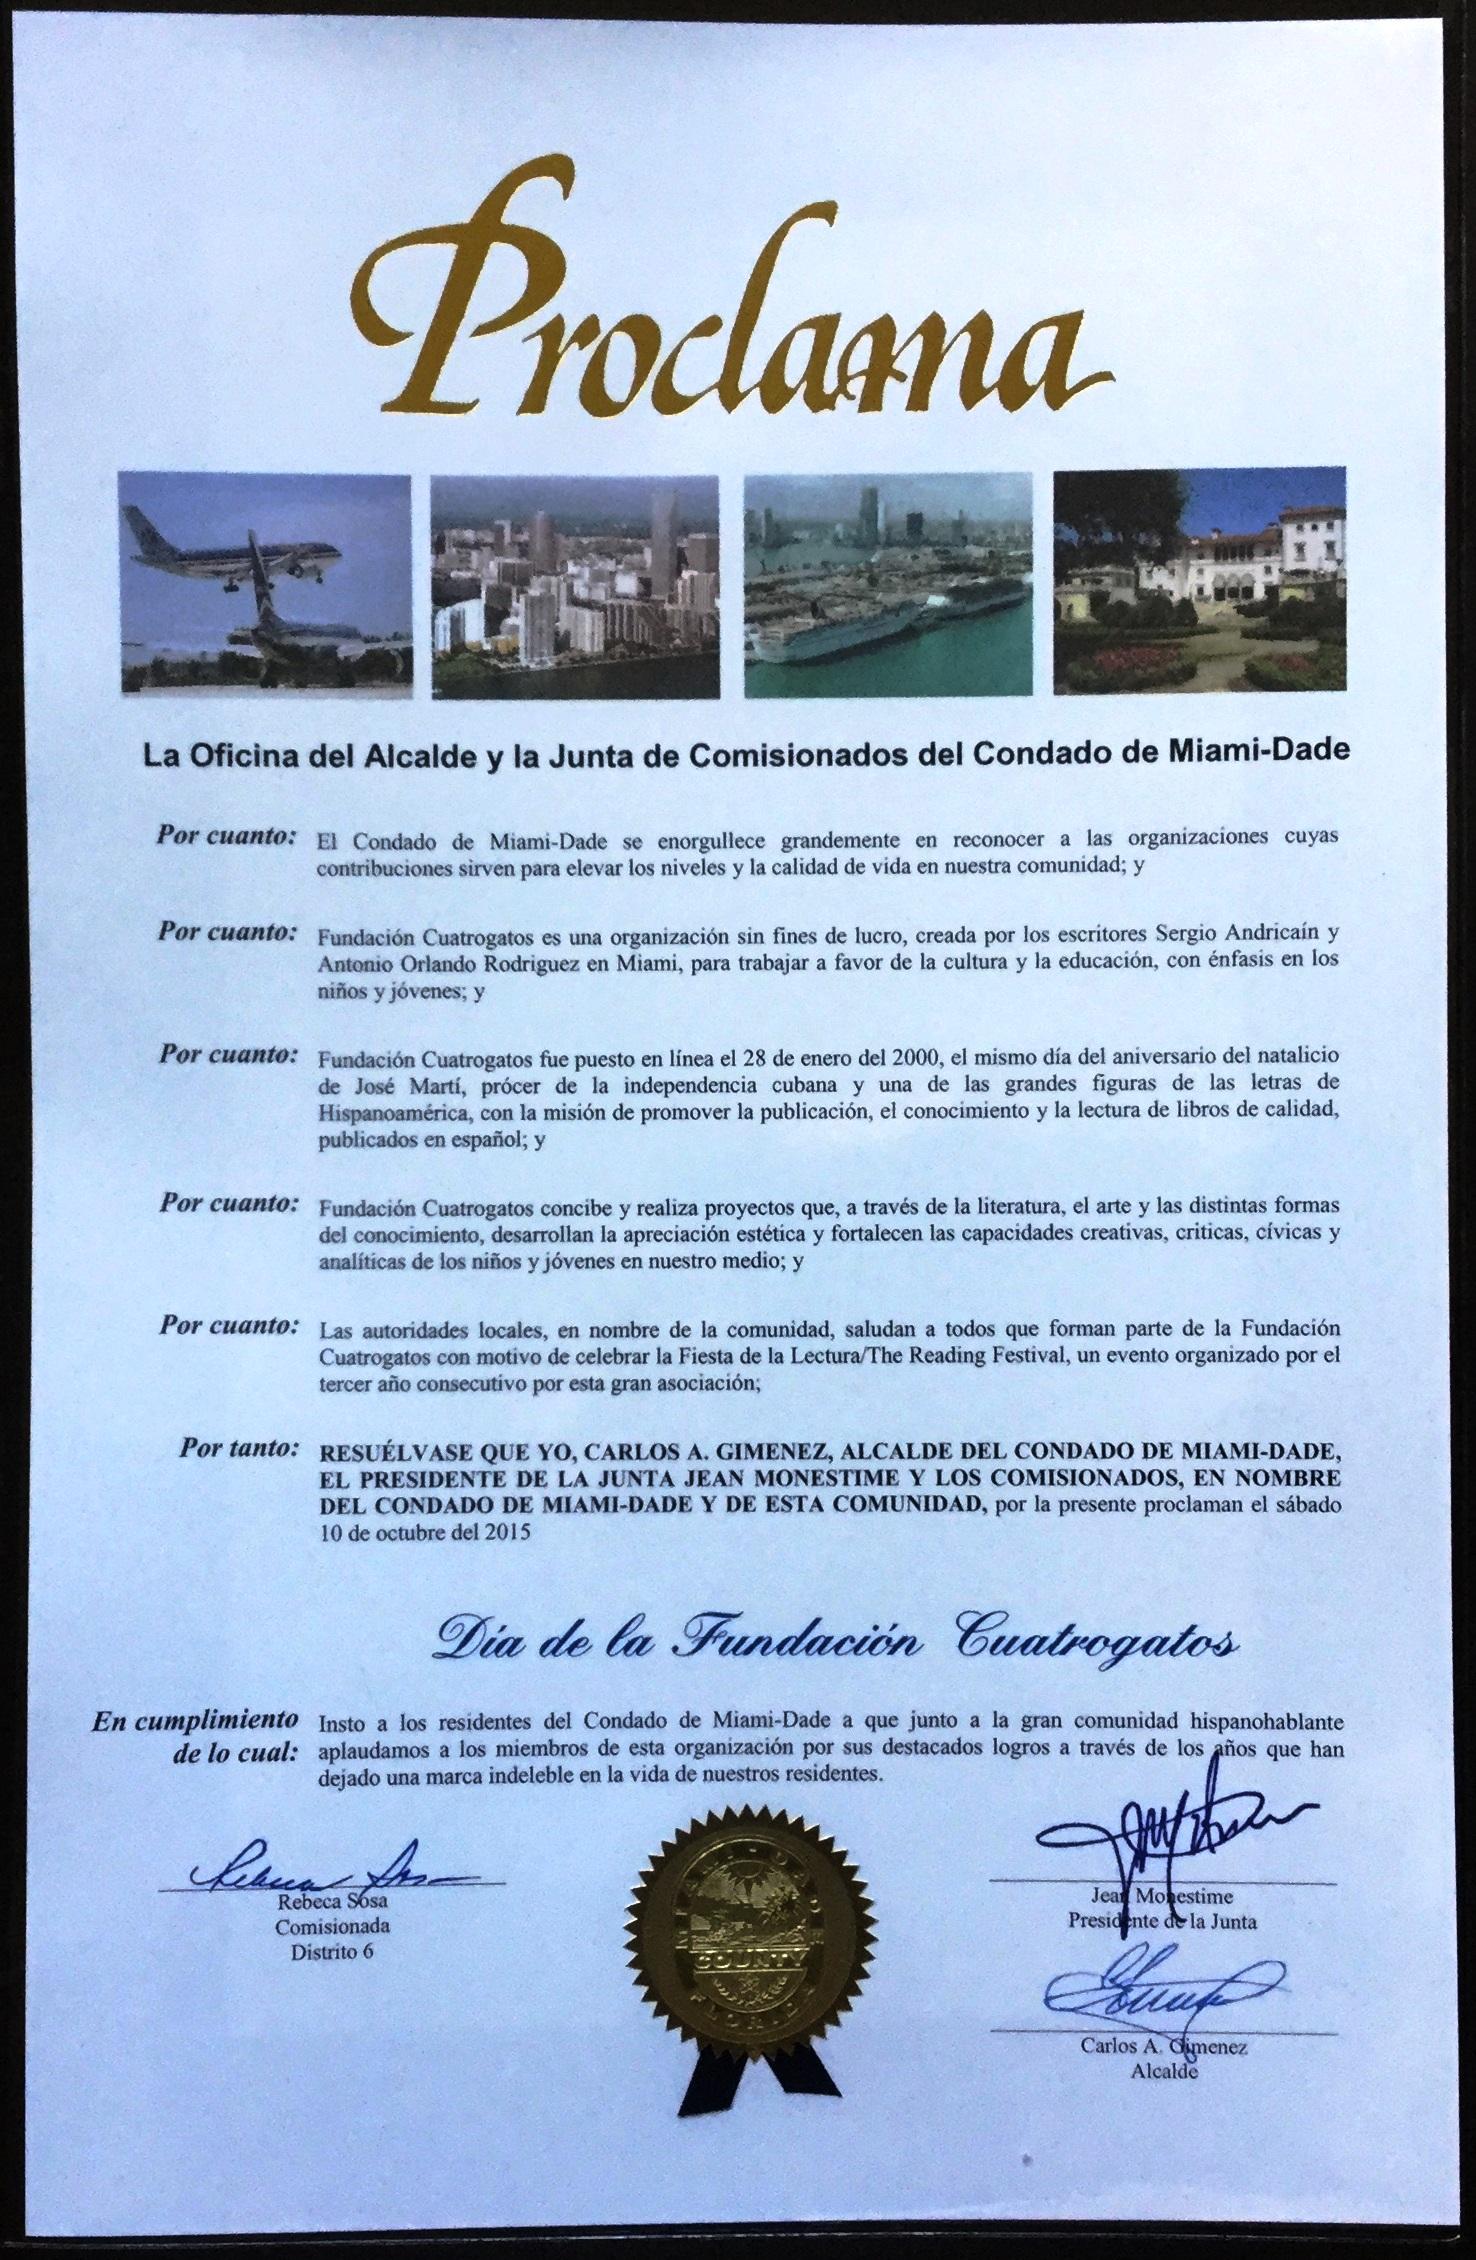 Proclama oentregada por el Condado Miami-Dade a la Fundación Cuatrogatos.